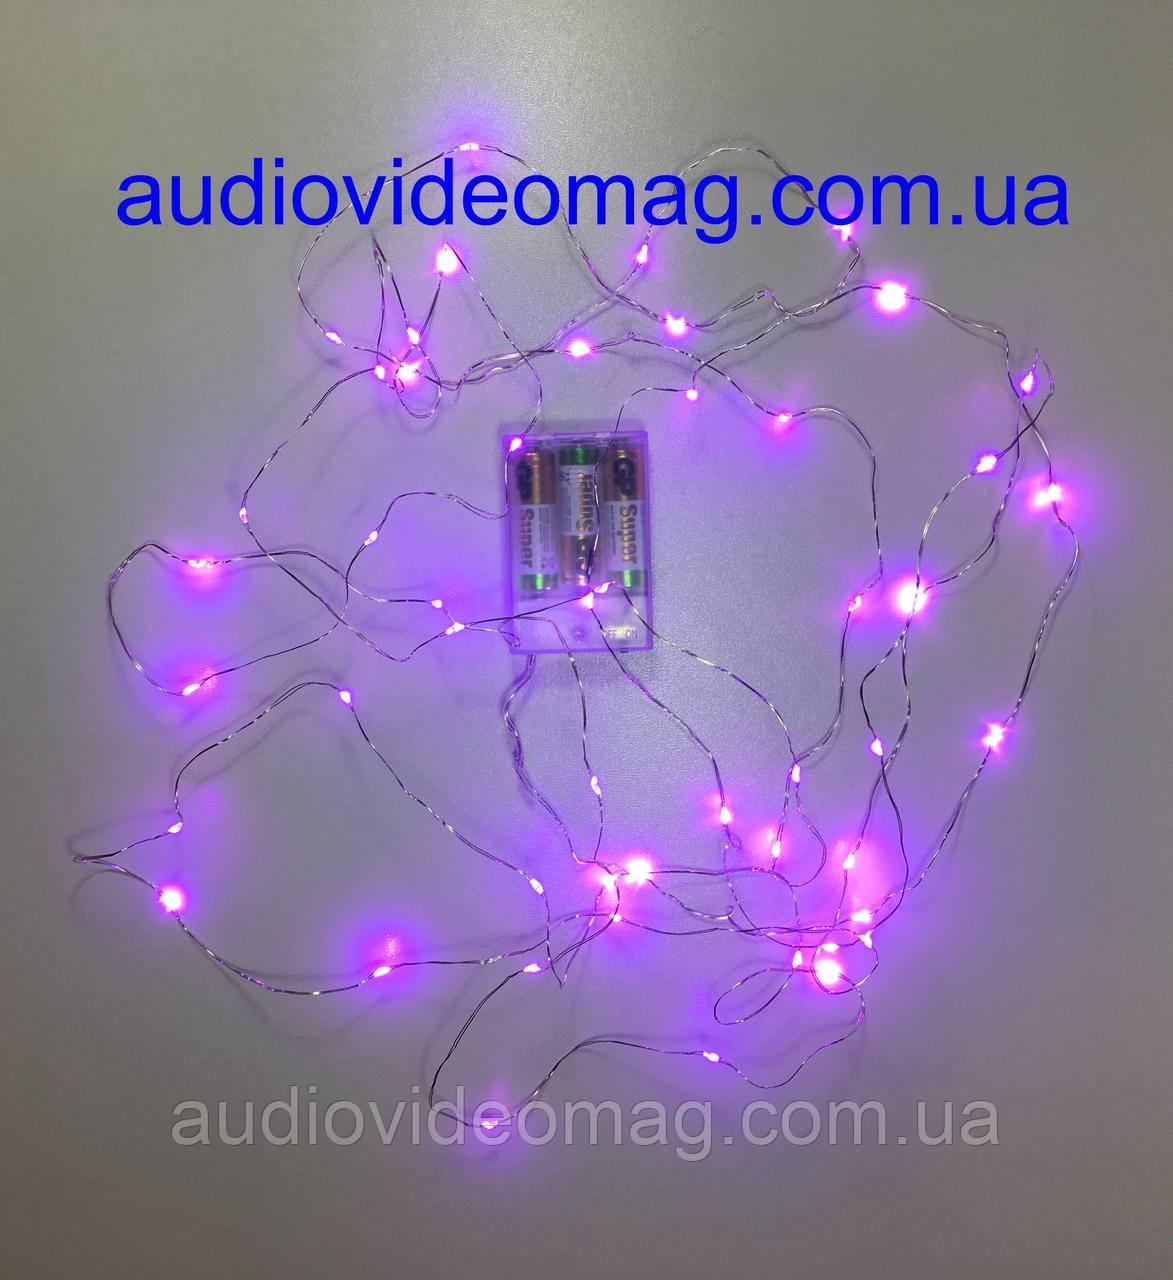 Гирлянда для декора на батарейках, цвет сиреневый, 10 метров, 100 светодиодов